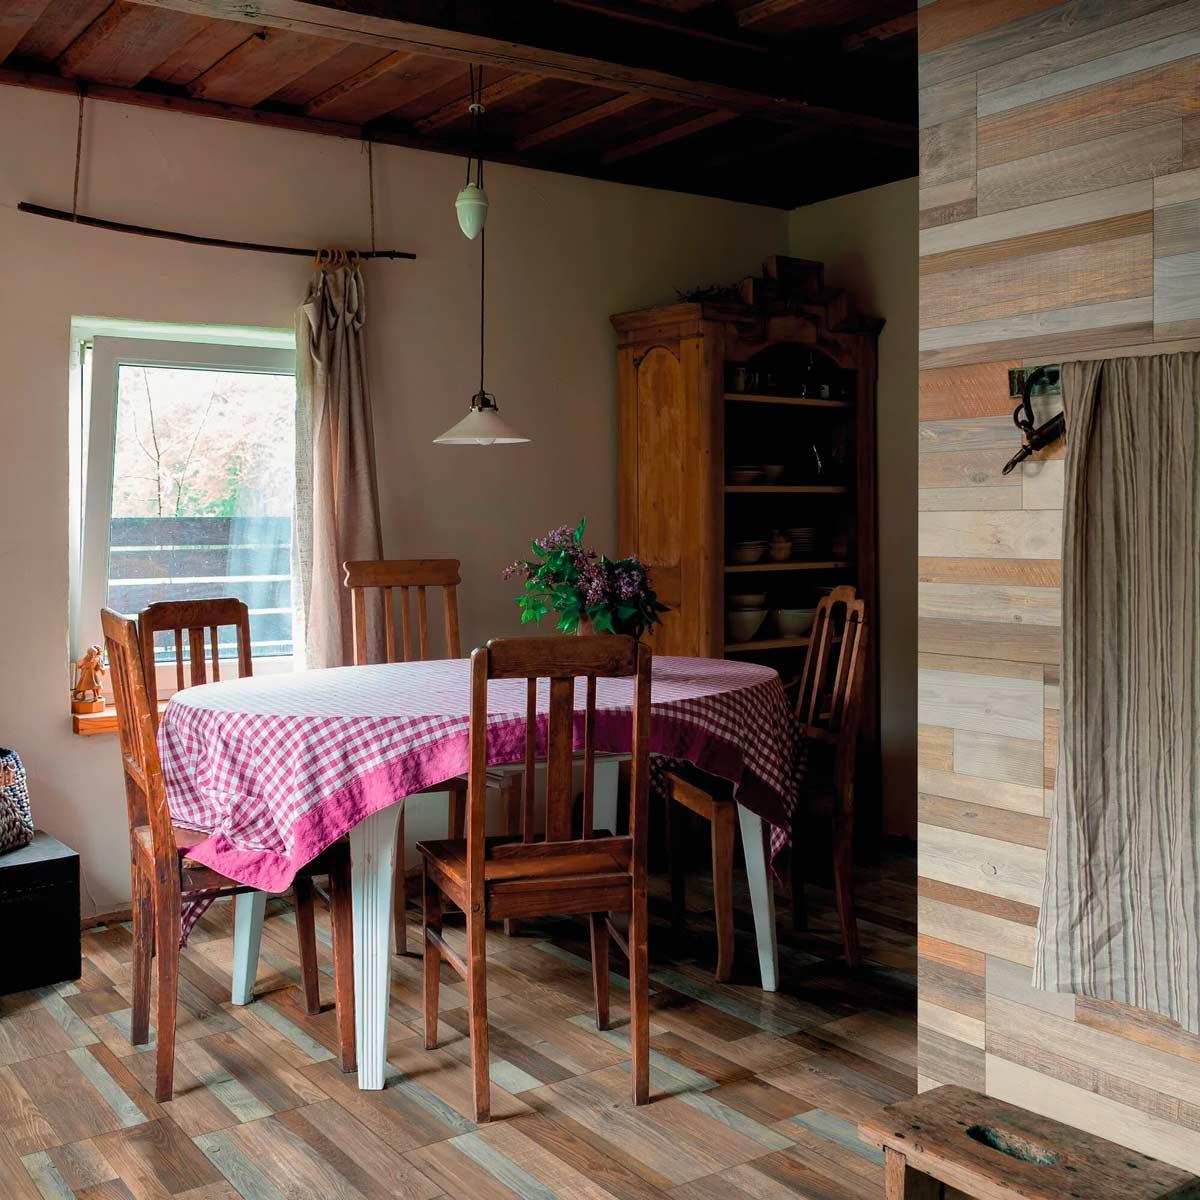 soluzioni per rivestire velocemente le pareti di casa con il legno